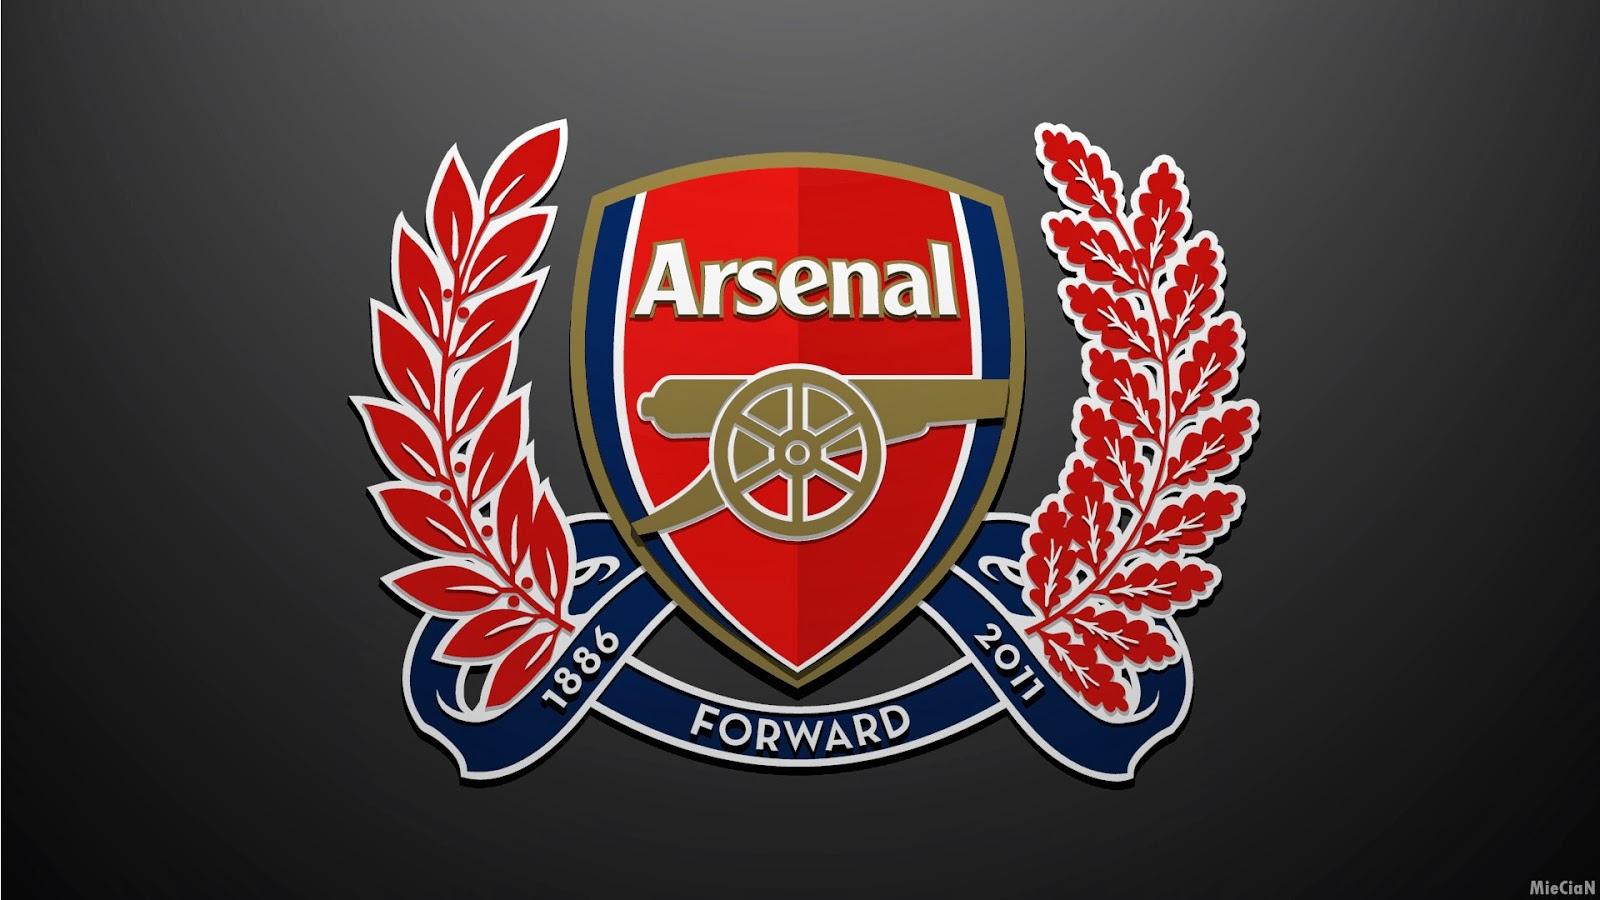 Bursa Transfer Musim Panas Segera Dibuka, Pemain-Pemain Ini Bisa Gabung Arsenal